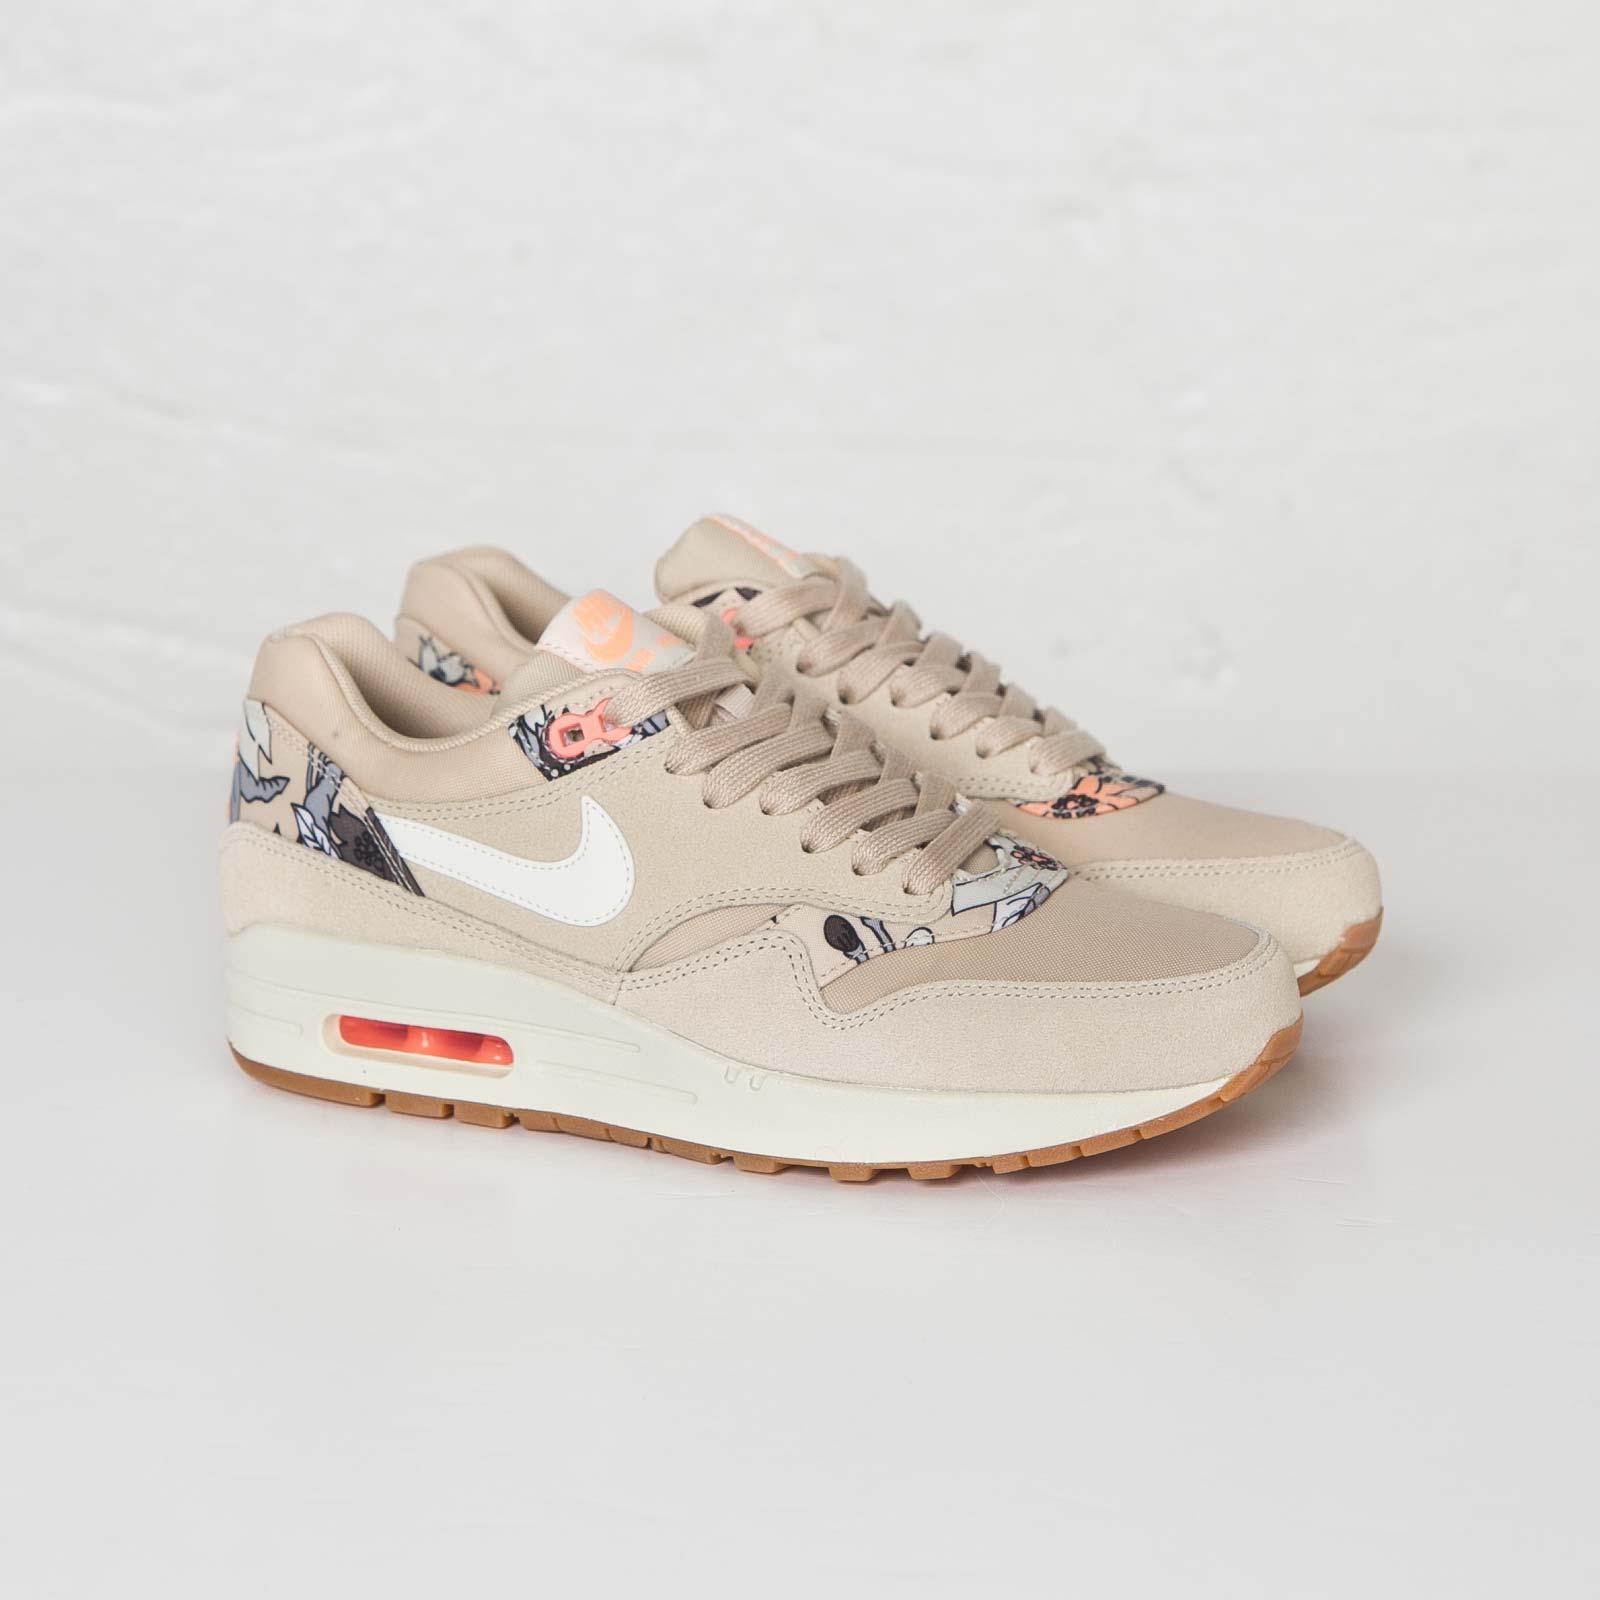 Nike Wmns Air Max 1 Print 528898 200 Sneakersnstuff Sneakers Streetwear Online Since 1999